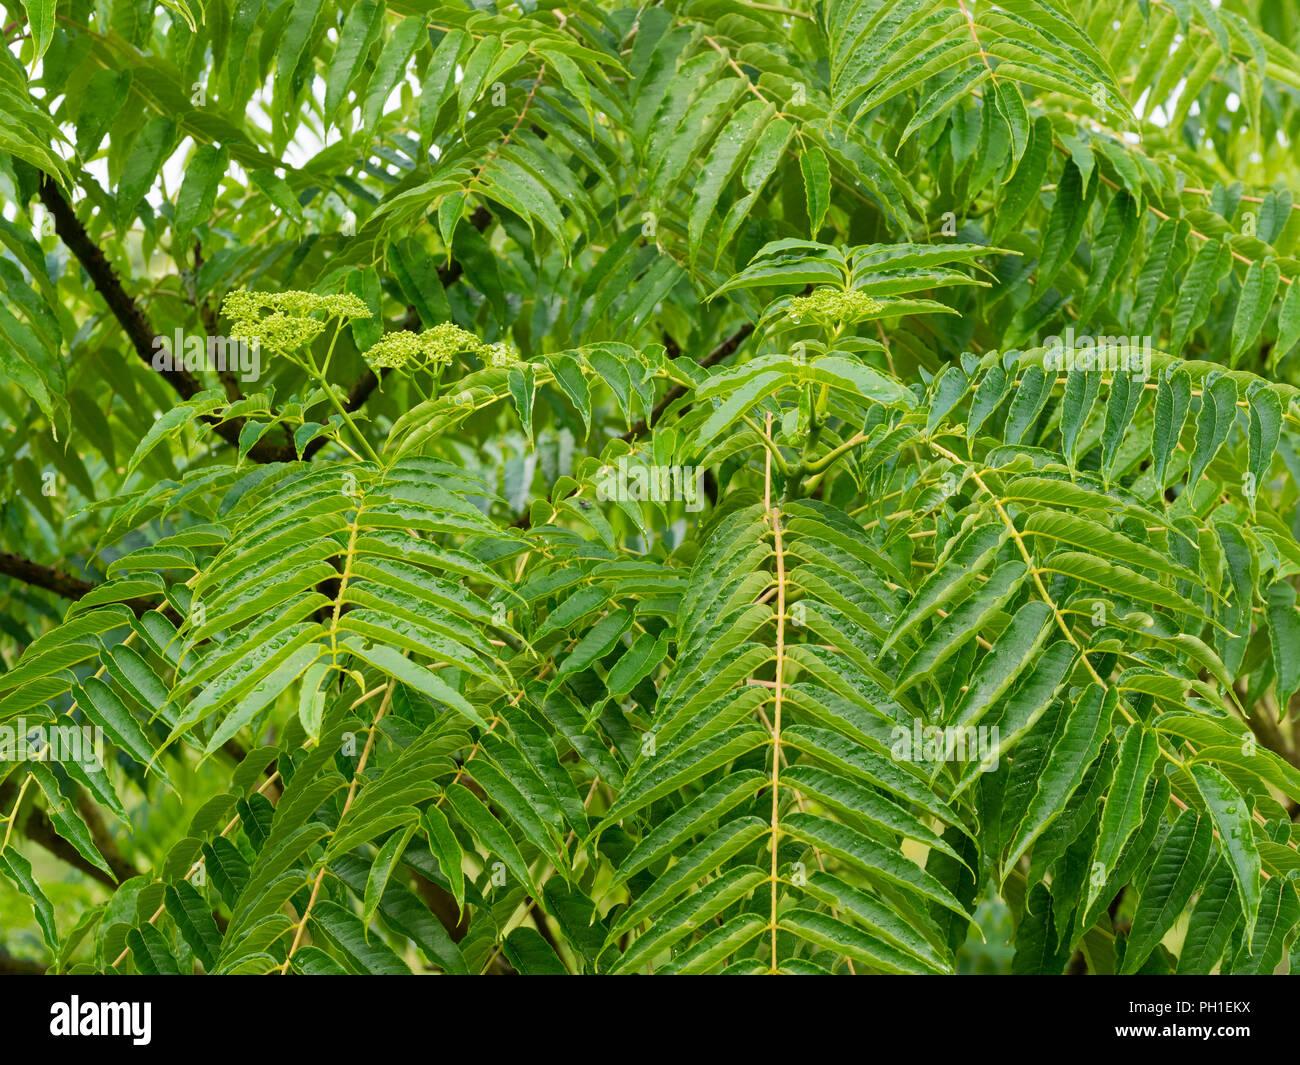 Les feuilles pennées et la fin de l'été fleurs de la moitié hardy prickly ash tree, Zanthoxylum ailanthoides Photo Stock